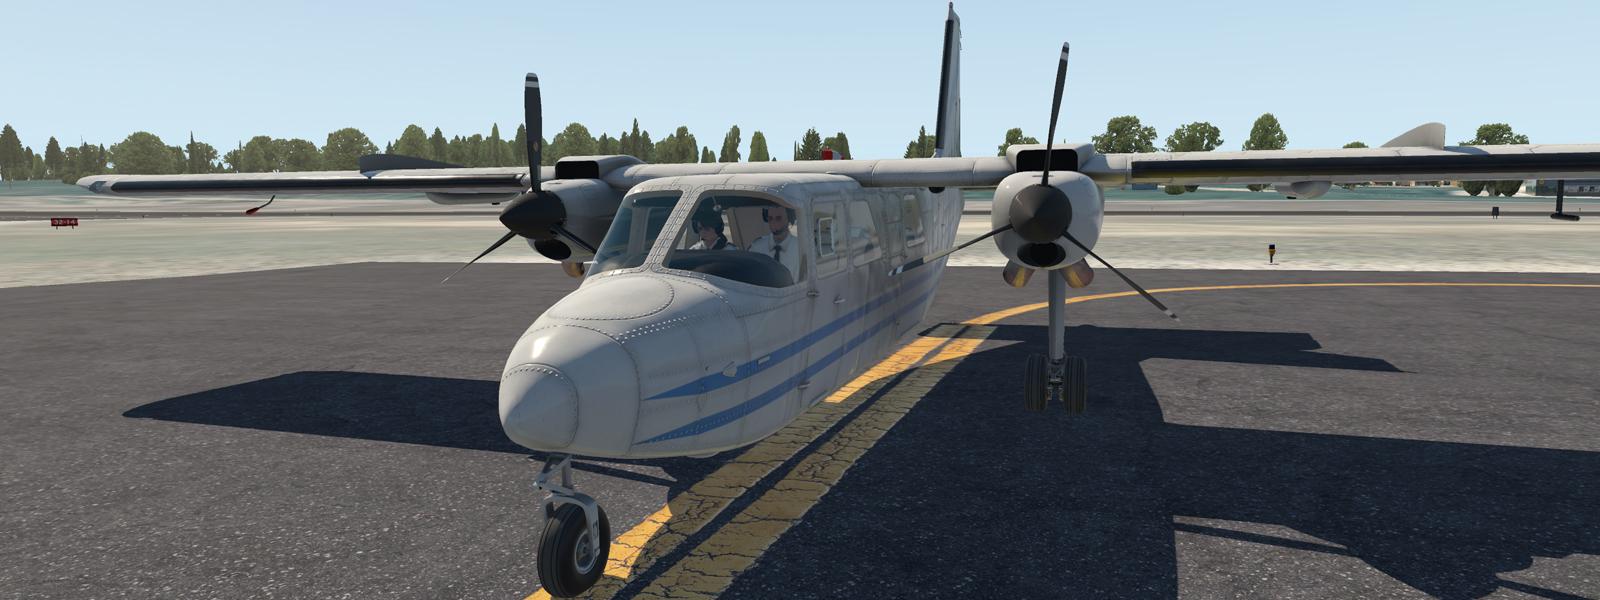 BN-2TIslander